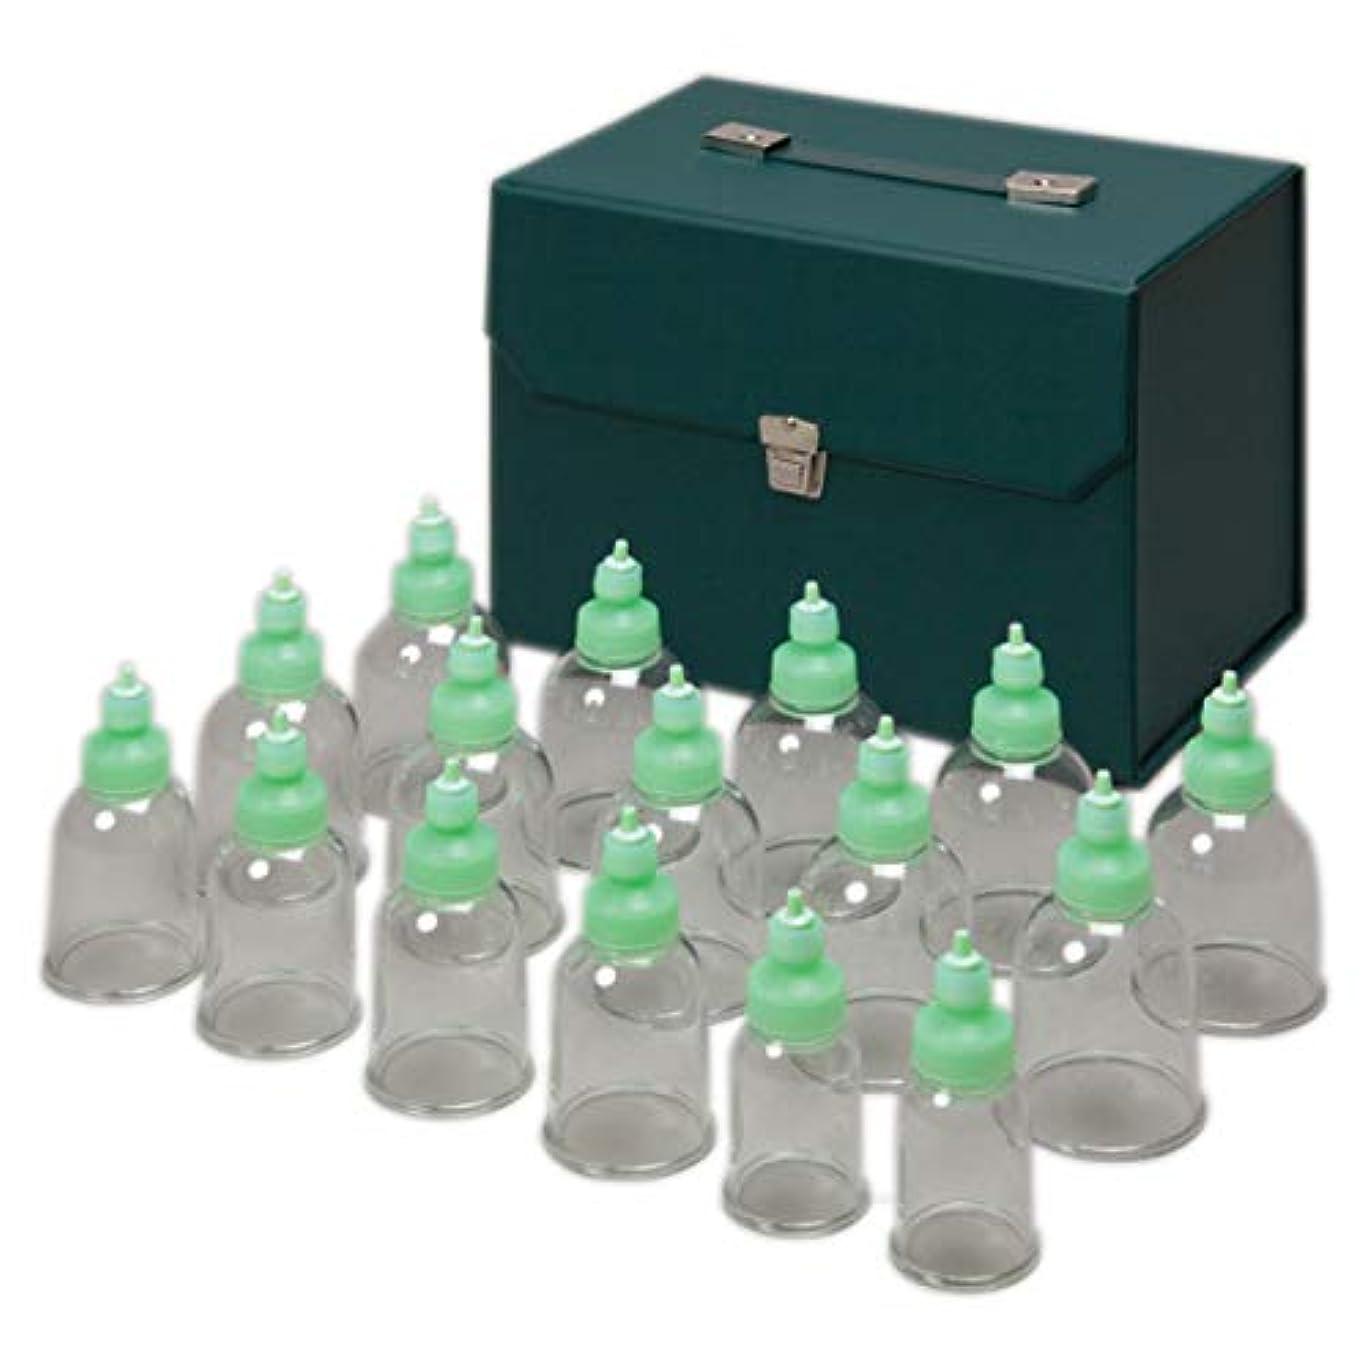 エキスパート一般的に柔和吸い玉カップ RP16 (16個セット) [ マッサージカップ カッピングマッサージ カッピングセット マッサージセット 吸引器 吸圧器 吸い玉 吸玉 マッサージ カッピング カップ 美容 業務用 ]